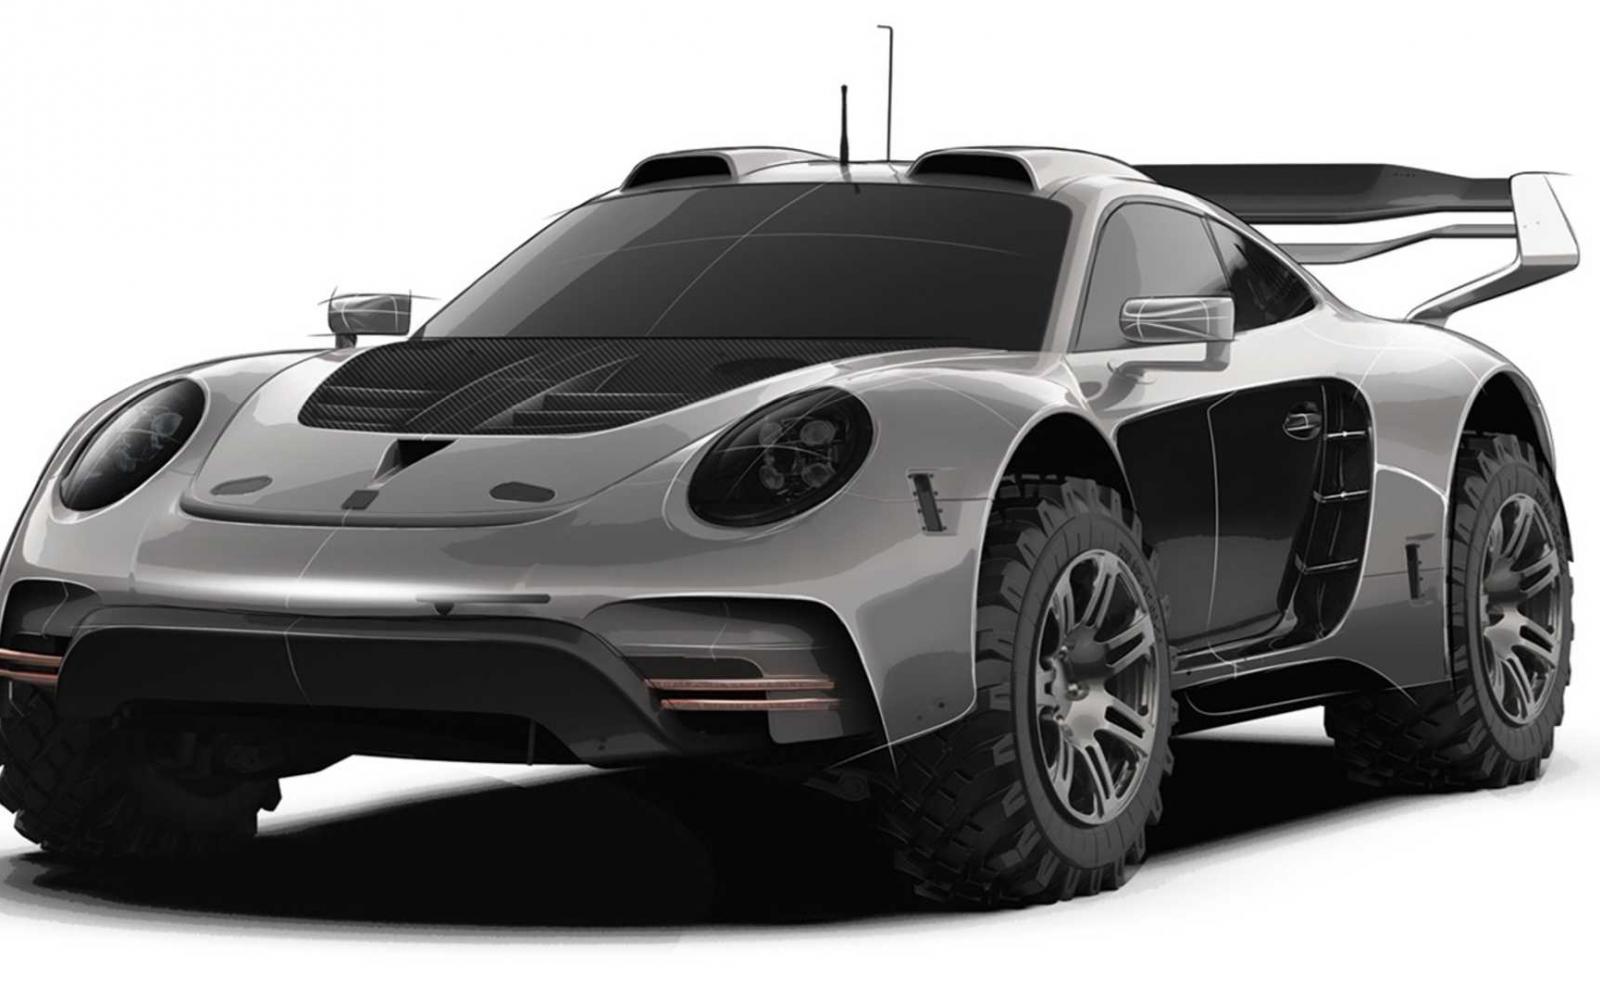 Ook Gemballa komt met een opgehoogde Porsche 911